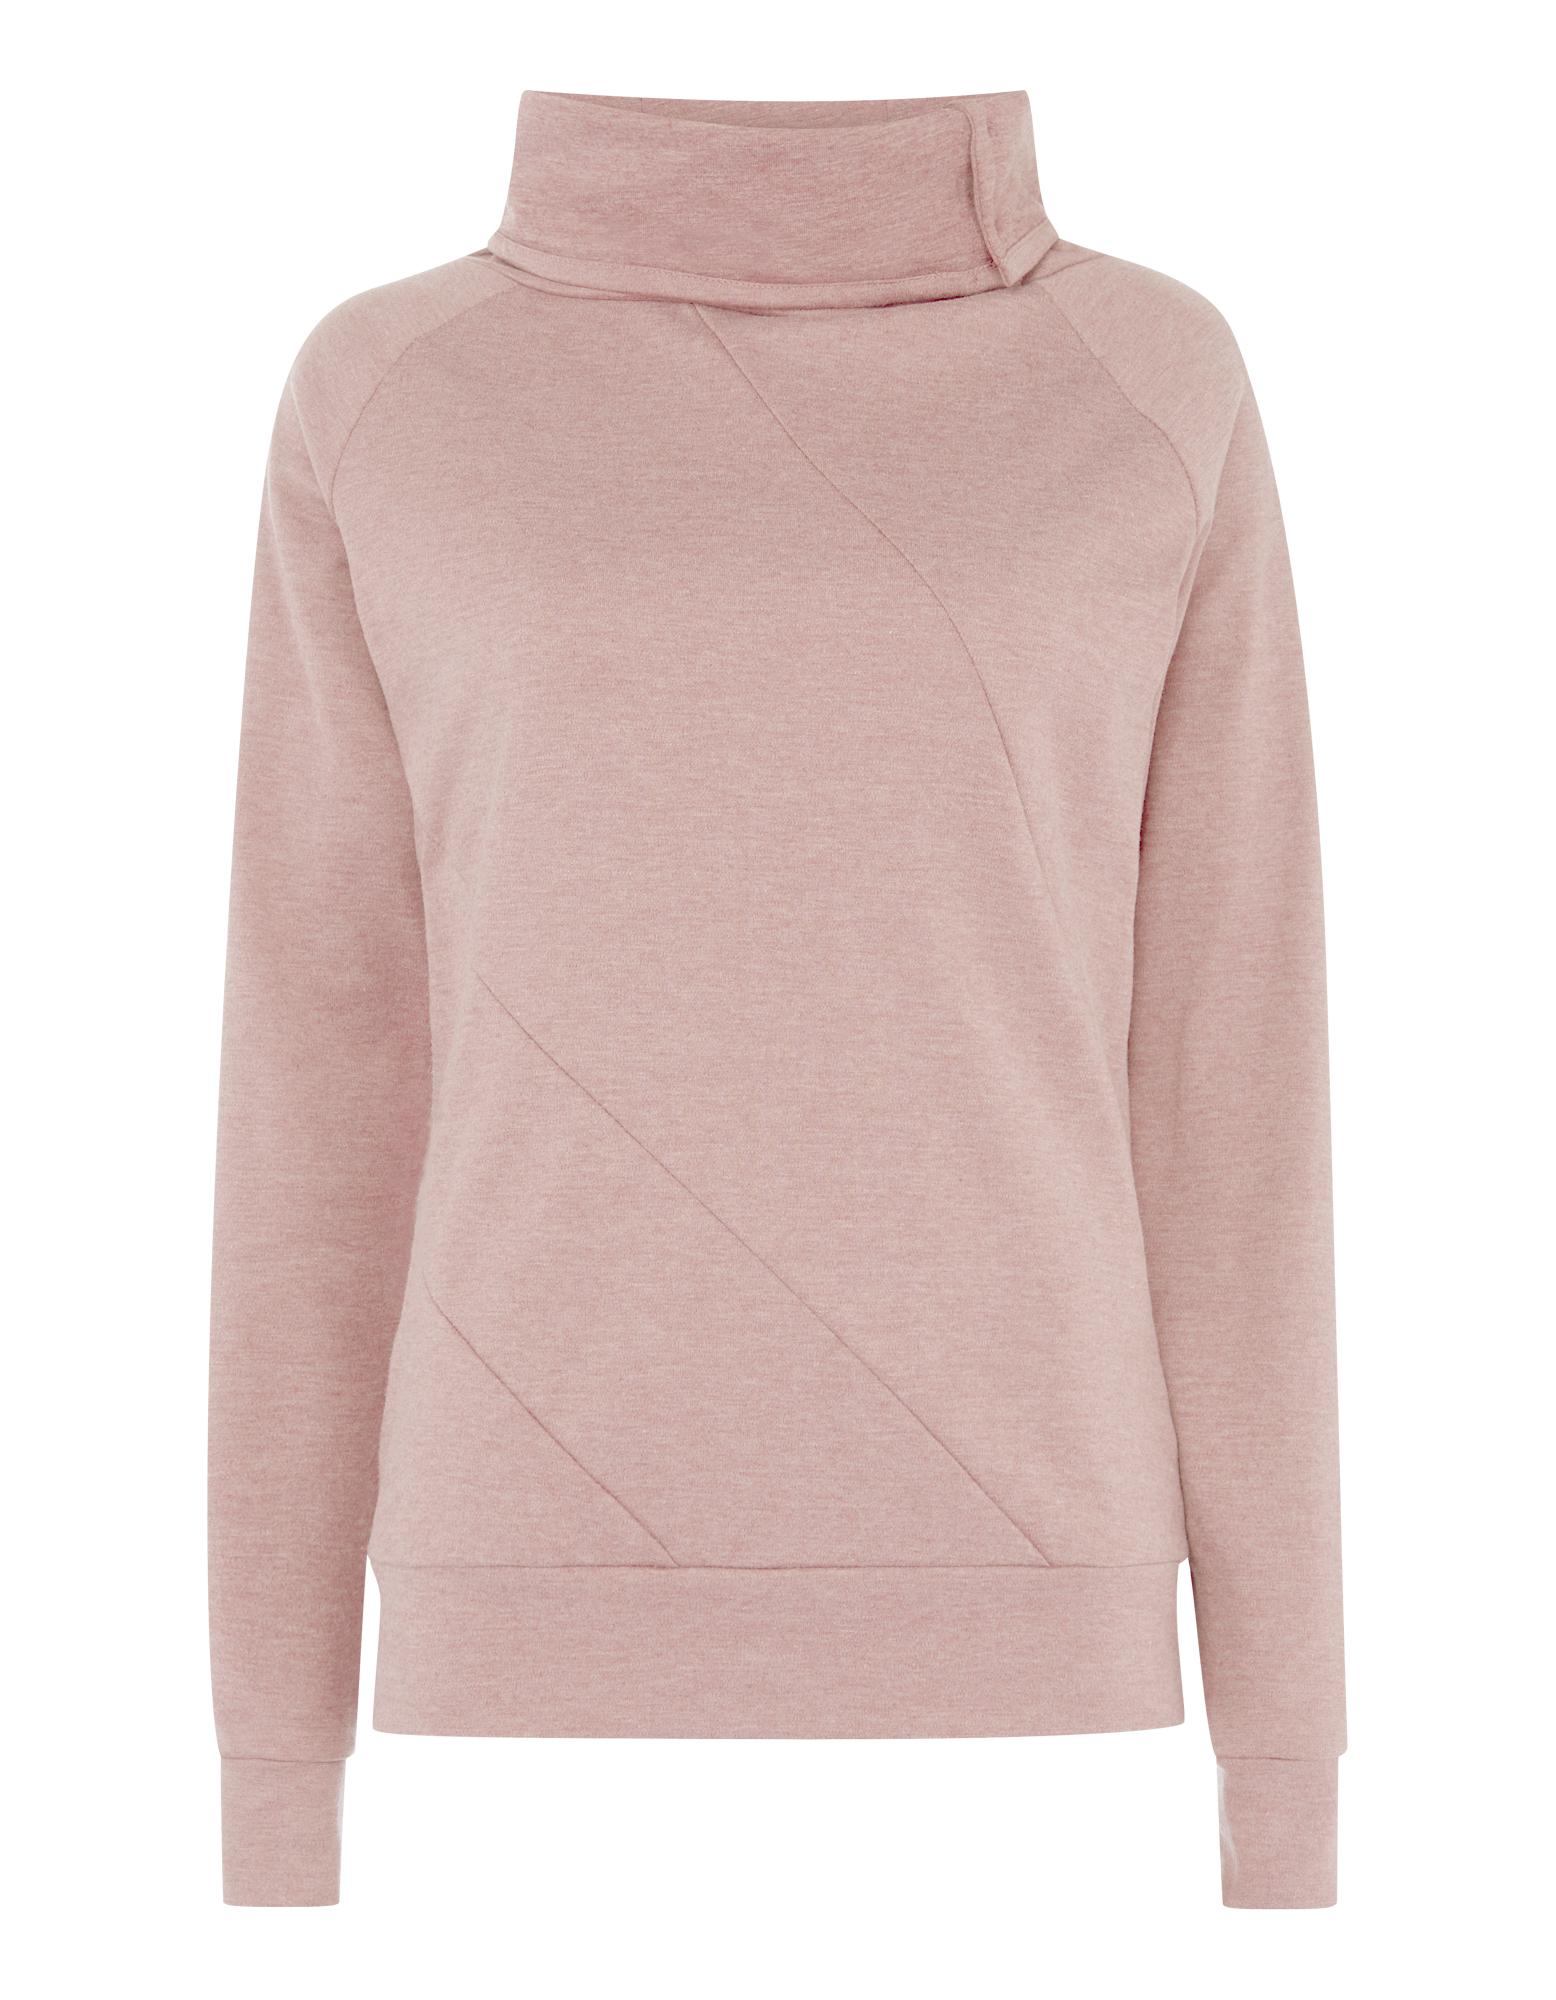 Damen Sweatshirt mit Tubecollar